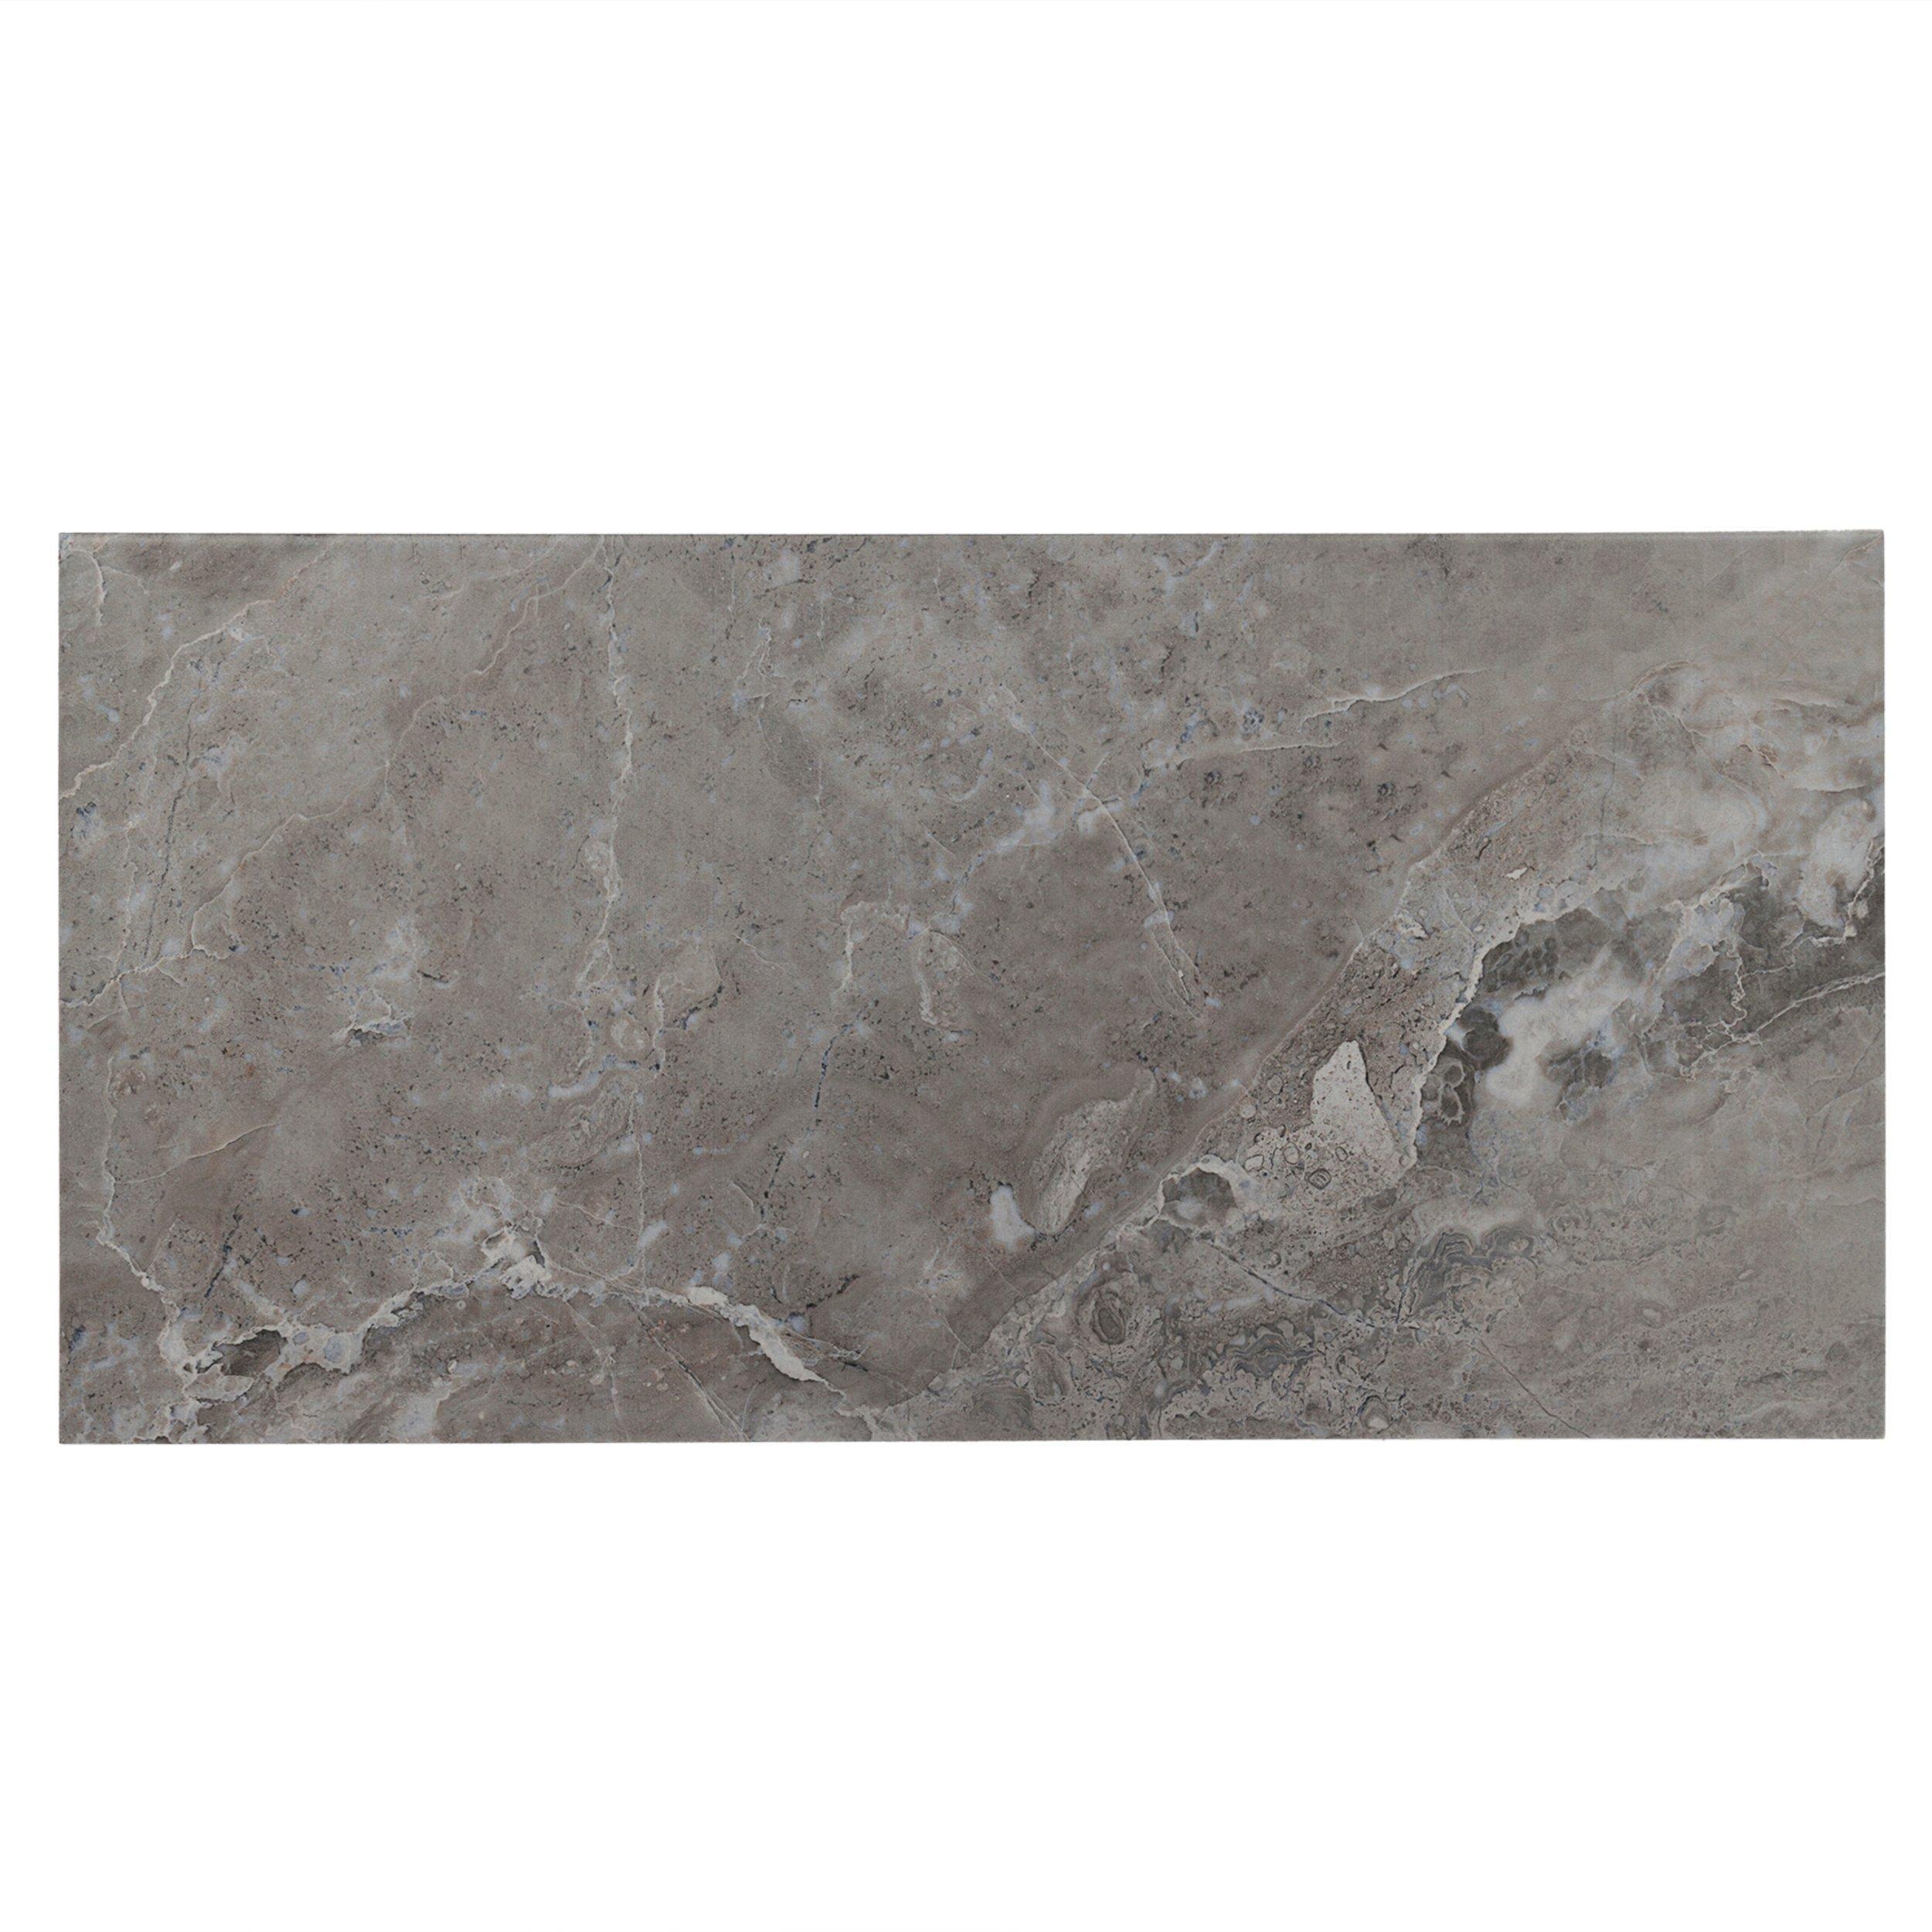 Prisma Gris Ceramic Tile Floor Decor Stone Look Tile Ceramic Tiles Ceramic Tile Bathrooms